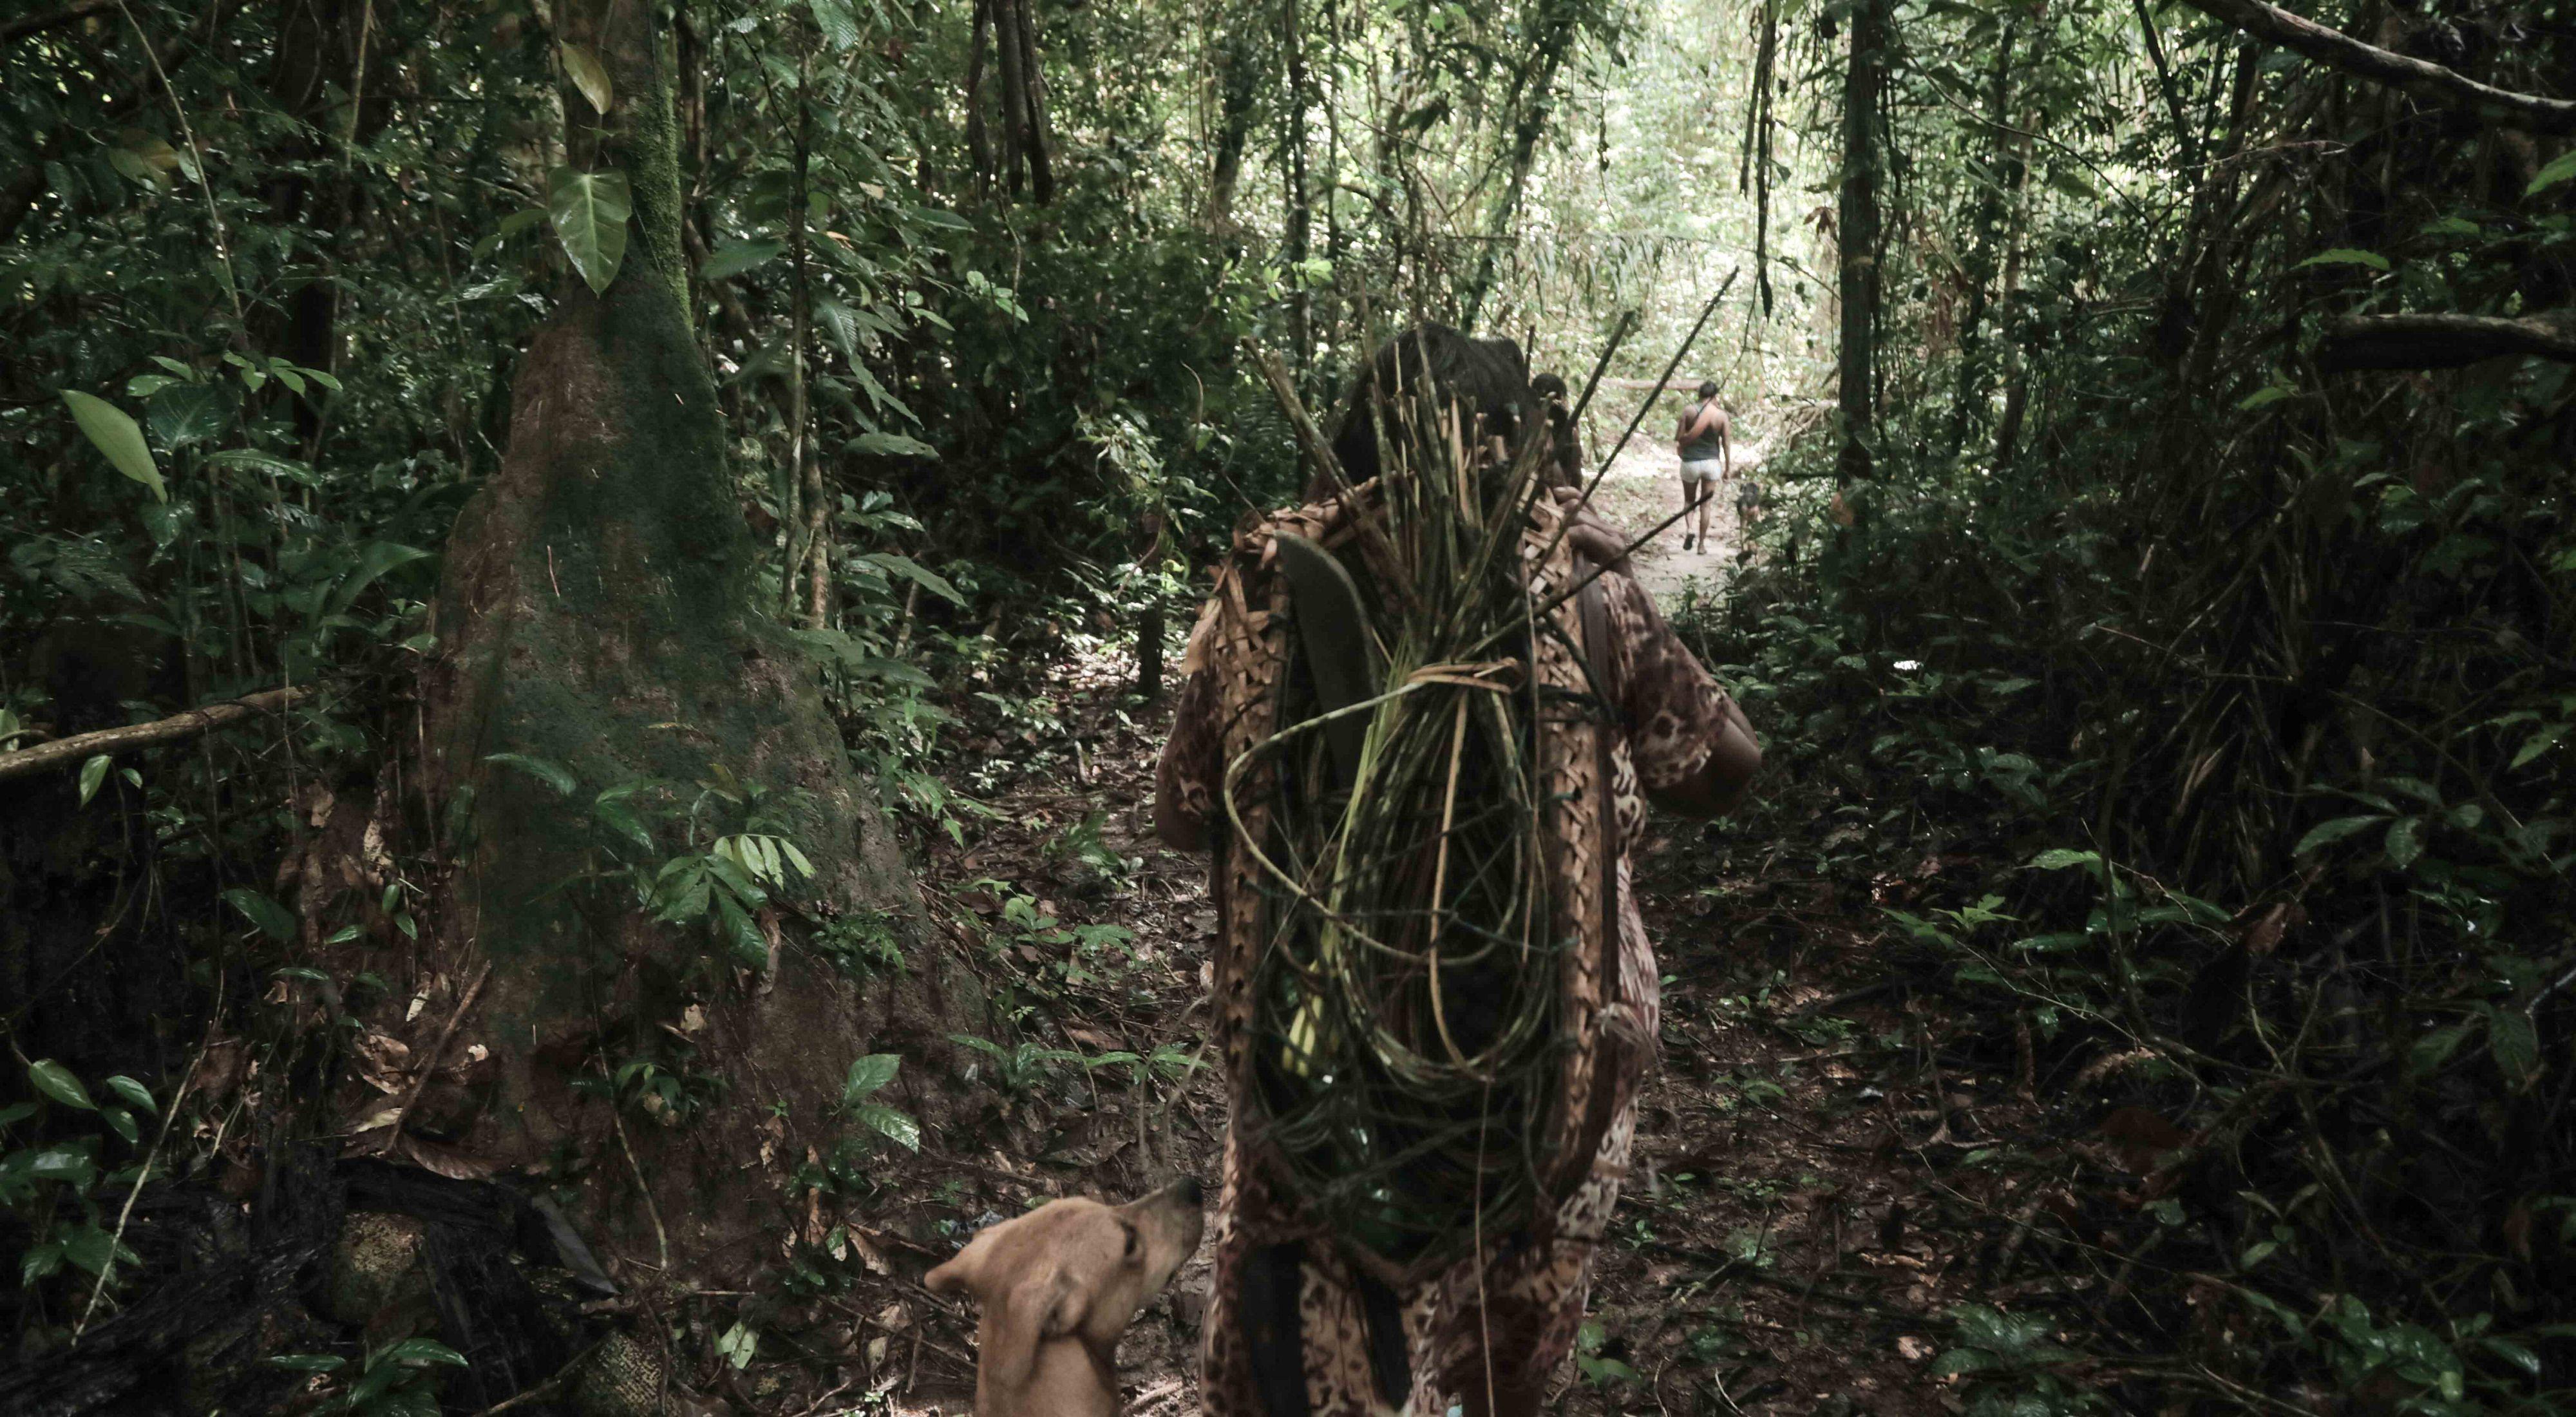 Indígena Parakanã em expedição para coletar matéria-prima para artesanato produzido pela comunidade na Terra Indígena Apyterewa, no sul do Pará.